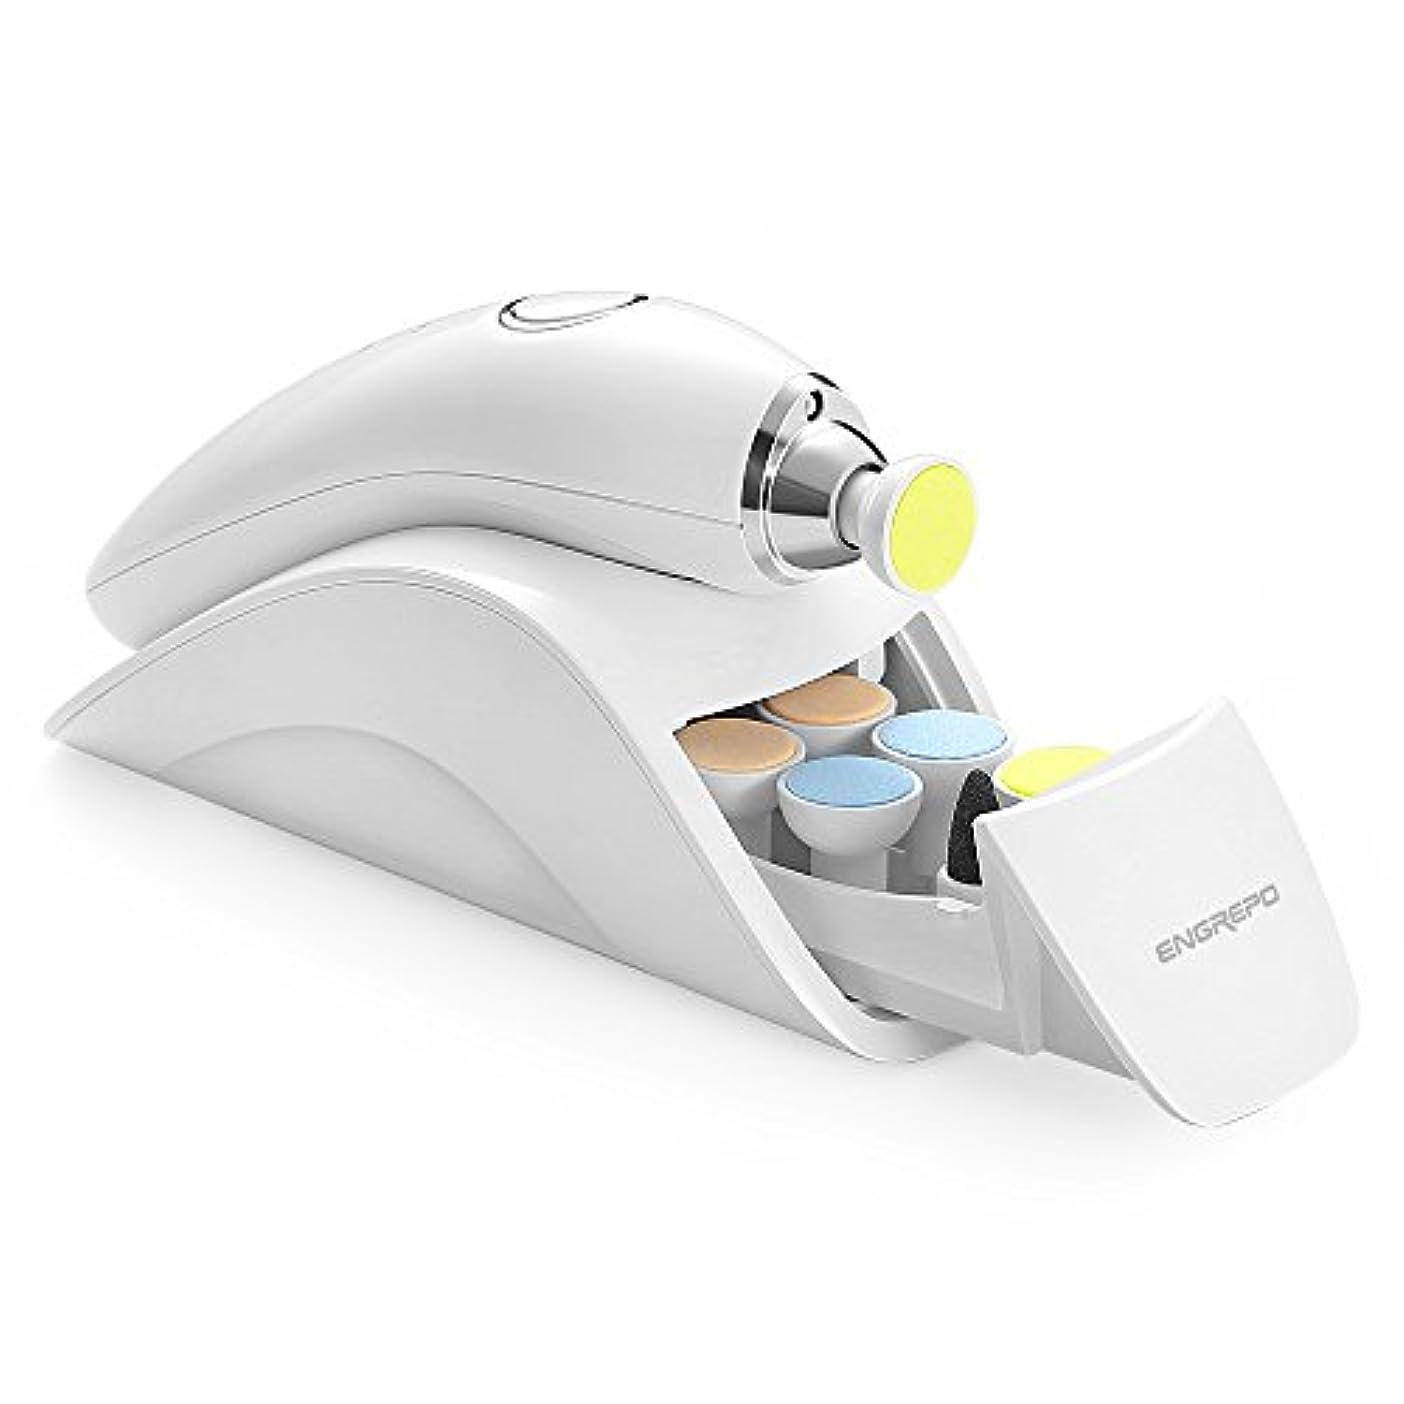 可能にする腐敗した毎月ENGREPO ベビーレーベル ネイルケアセット レーベル ホワイト(新生児~対象) ママにも使えるネイルケア(4種類の磨きヘッド、超低デシベル、3速ギア、LEDフィルインライト)円弧充電ベース隠し収納ボックス付き